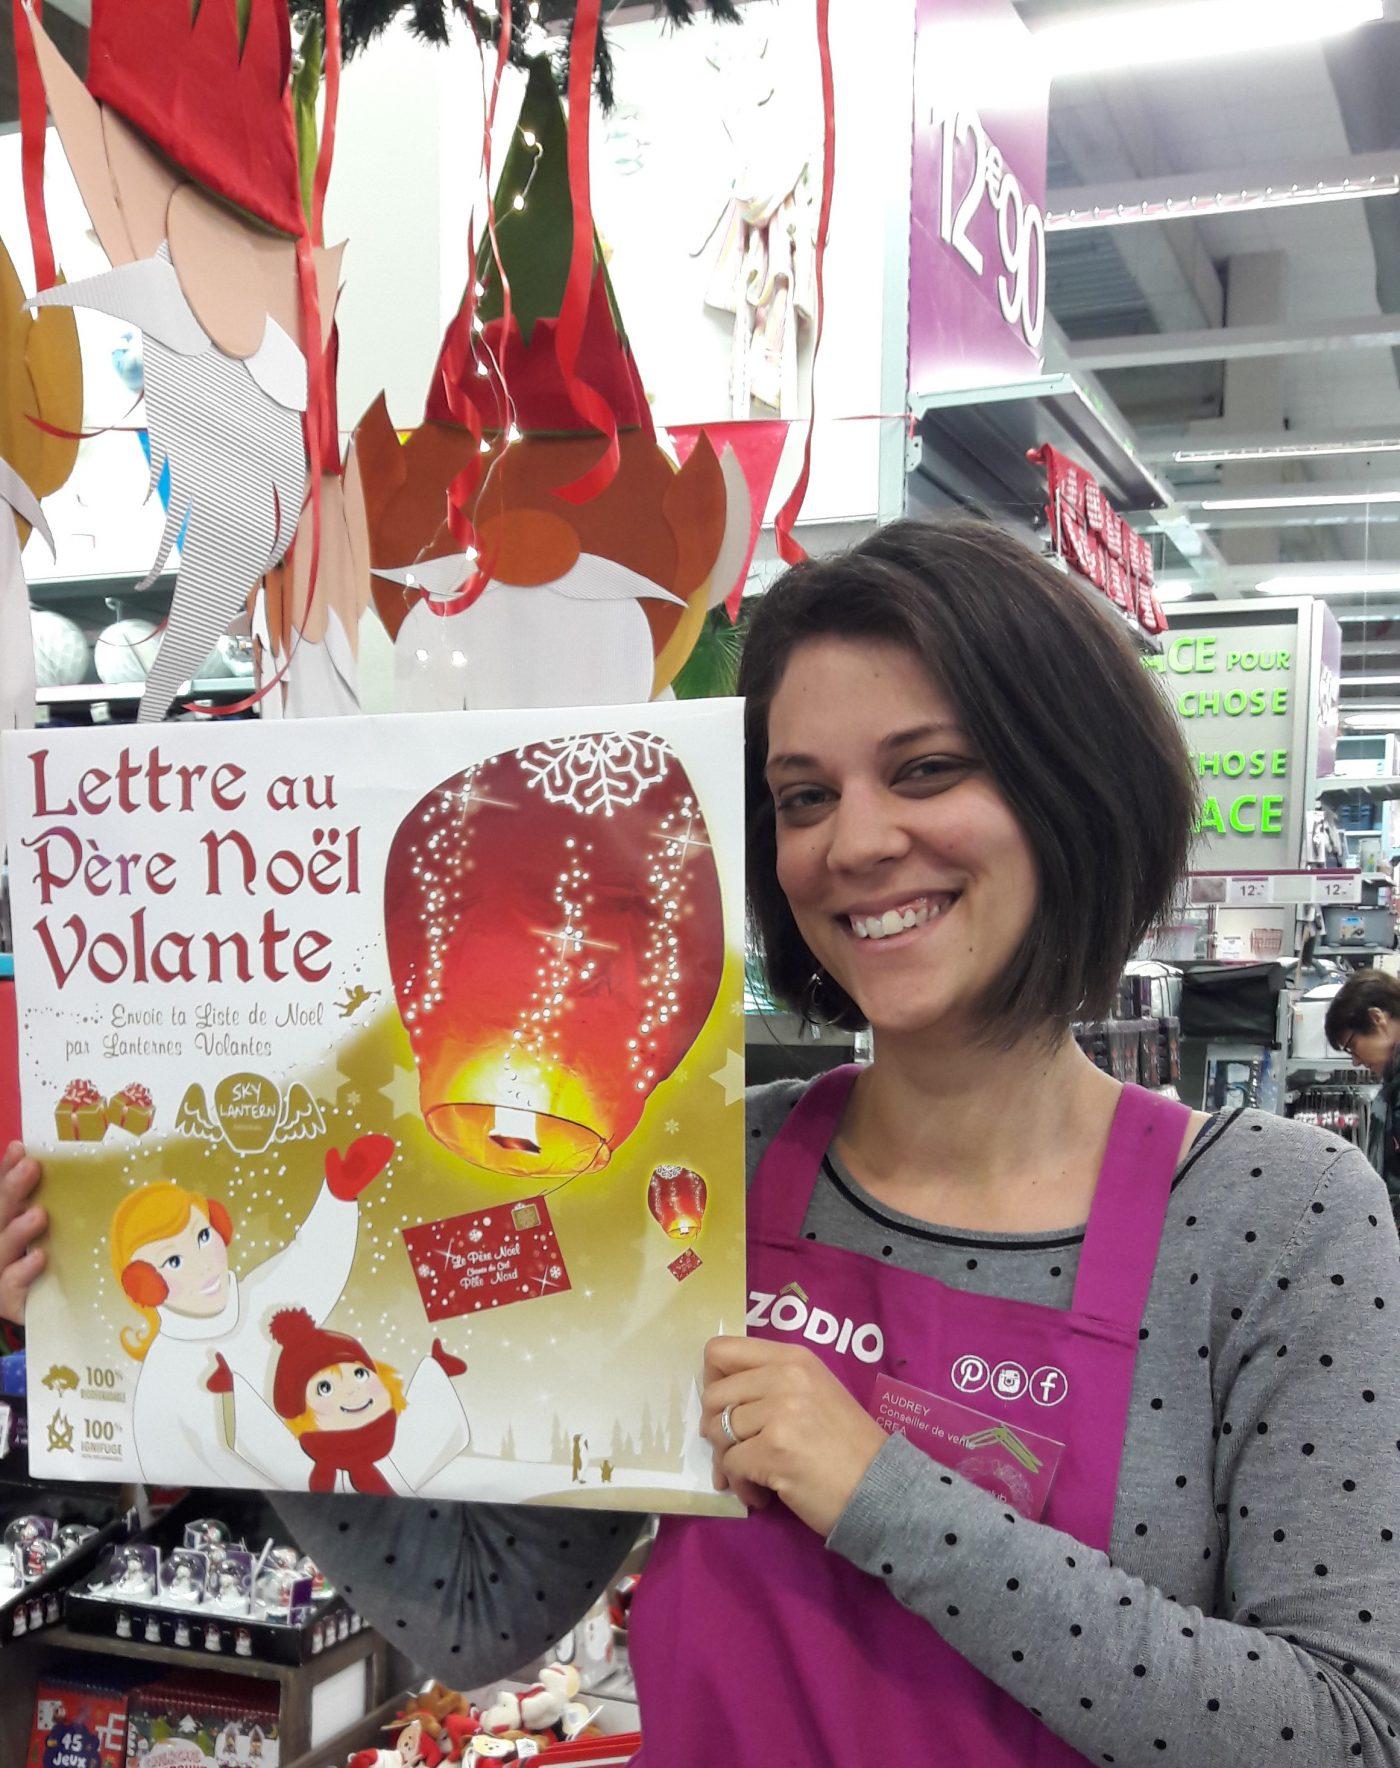 Lettre Au Pere Noel Volante.J Ai Choisi Pour Vous La Lettre Au Pere Noel Volante Blog